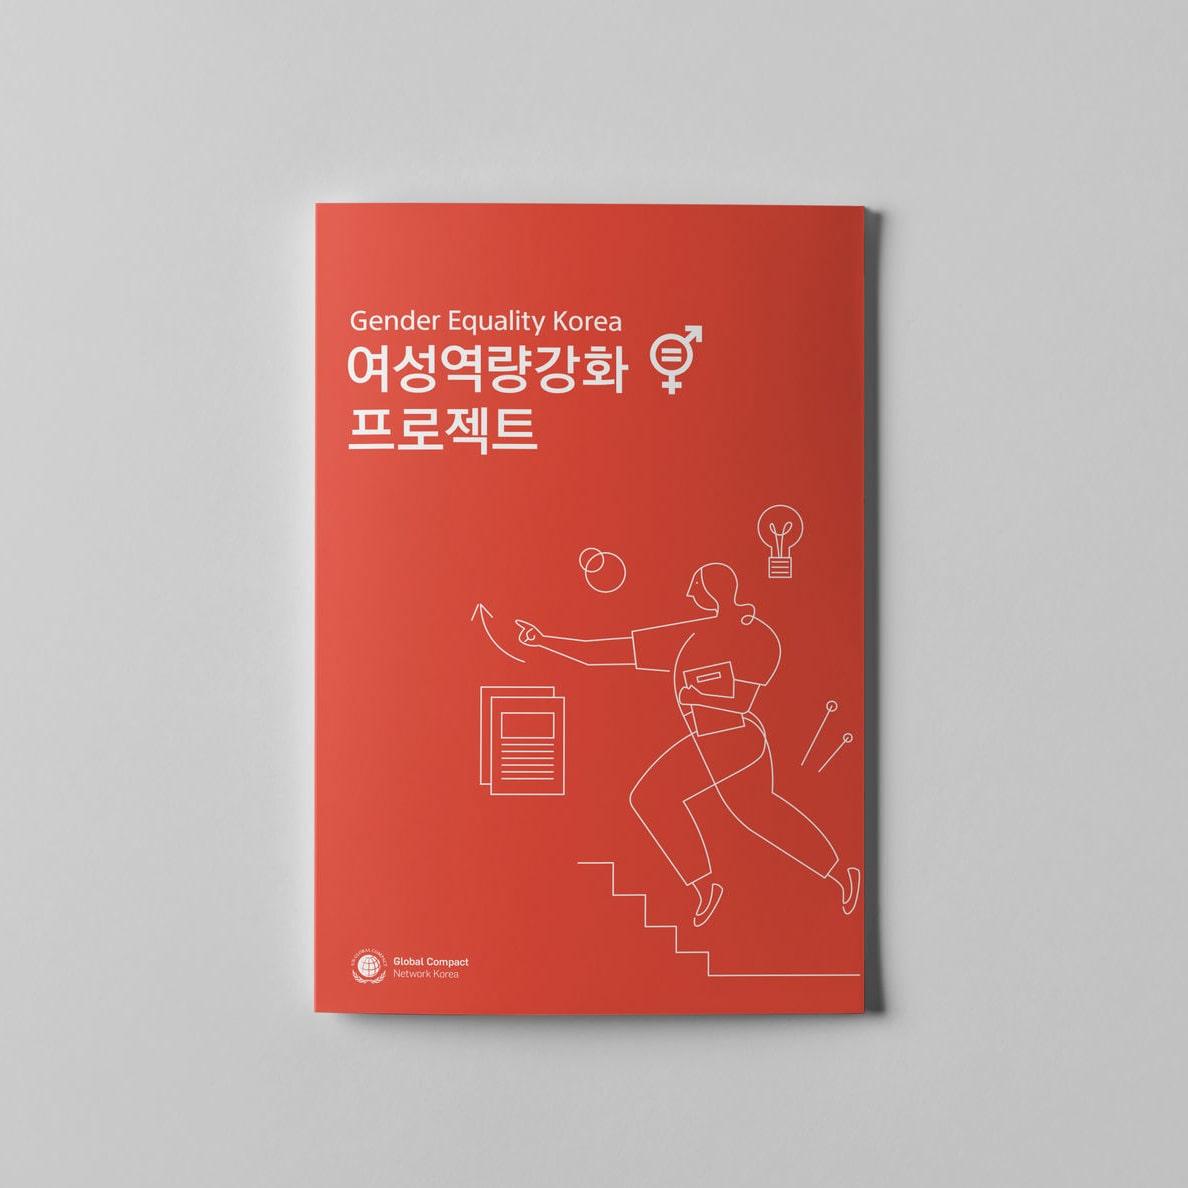 여성역량강화 프로젝트 브로슈어 디자인 시안 - 유엔글로벌콤팩트